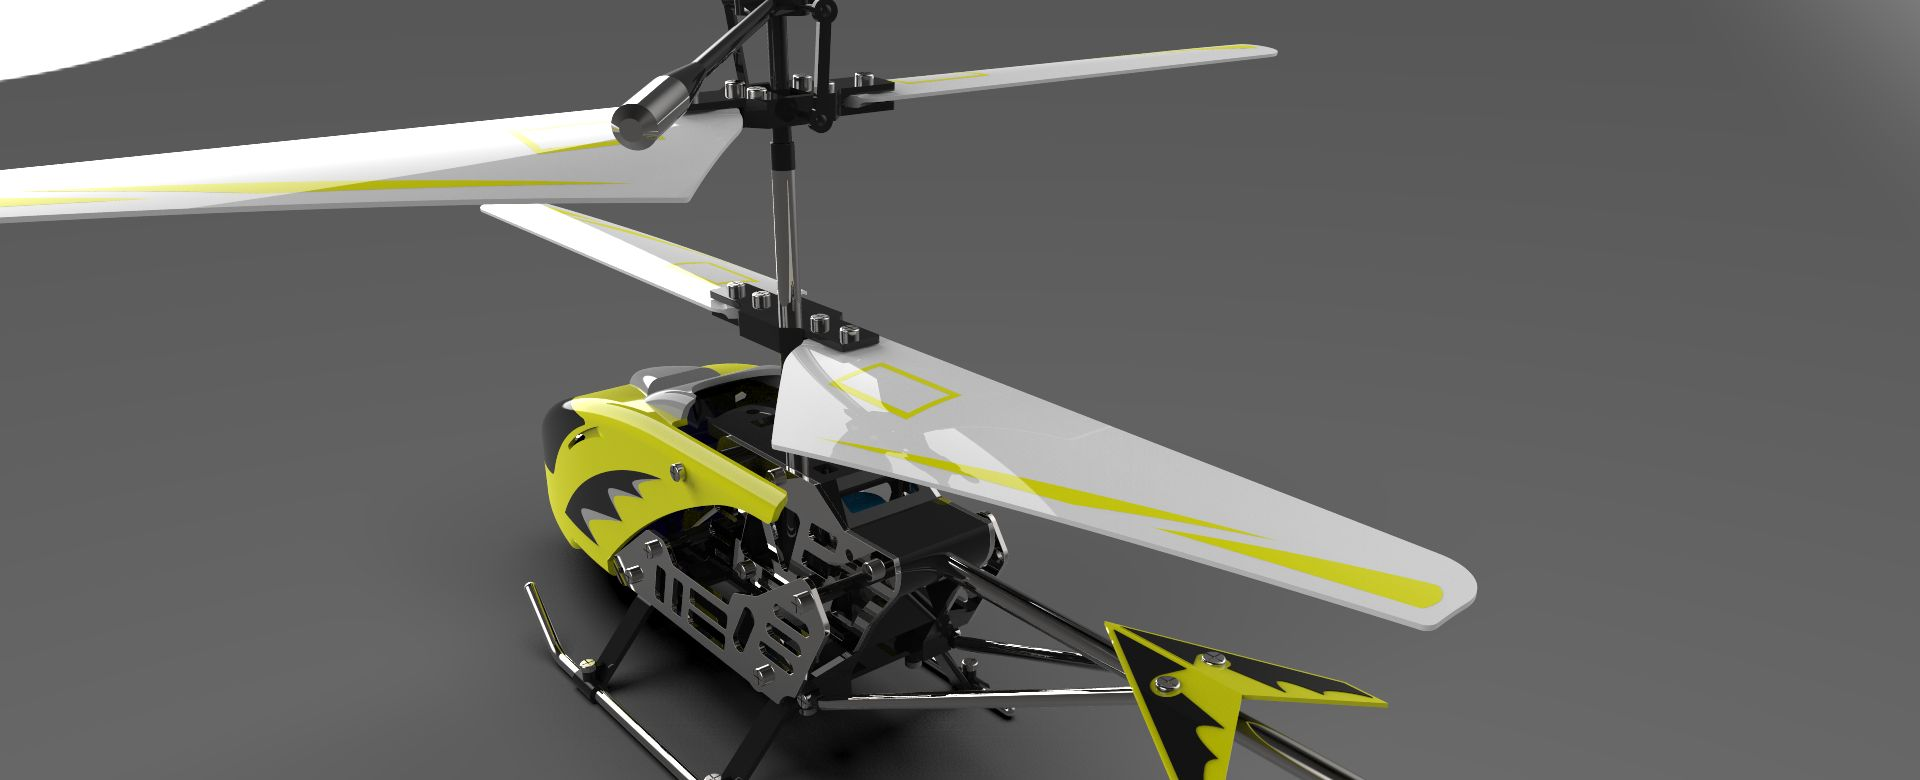 Choper-175-3500-3500